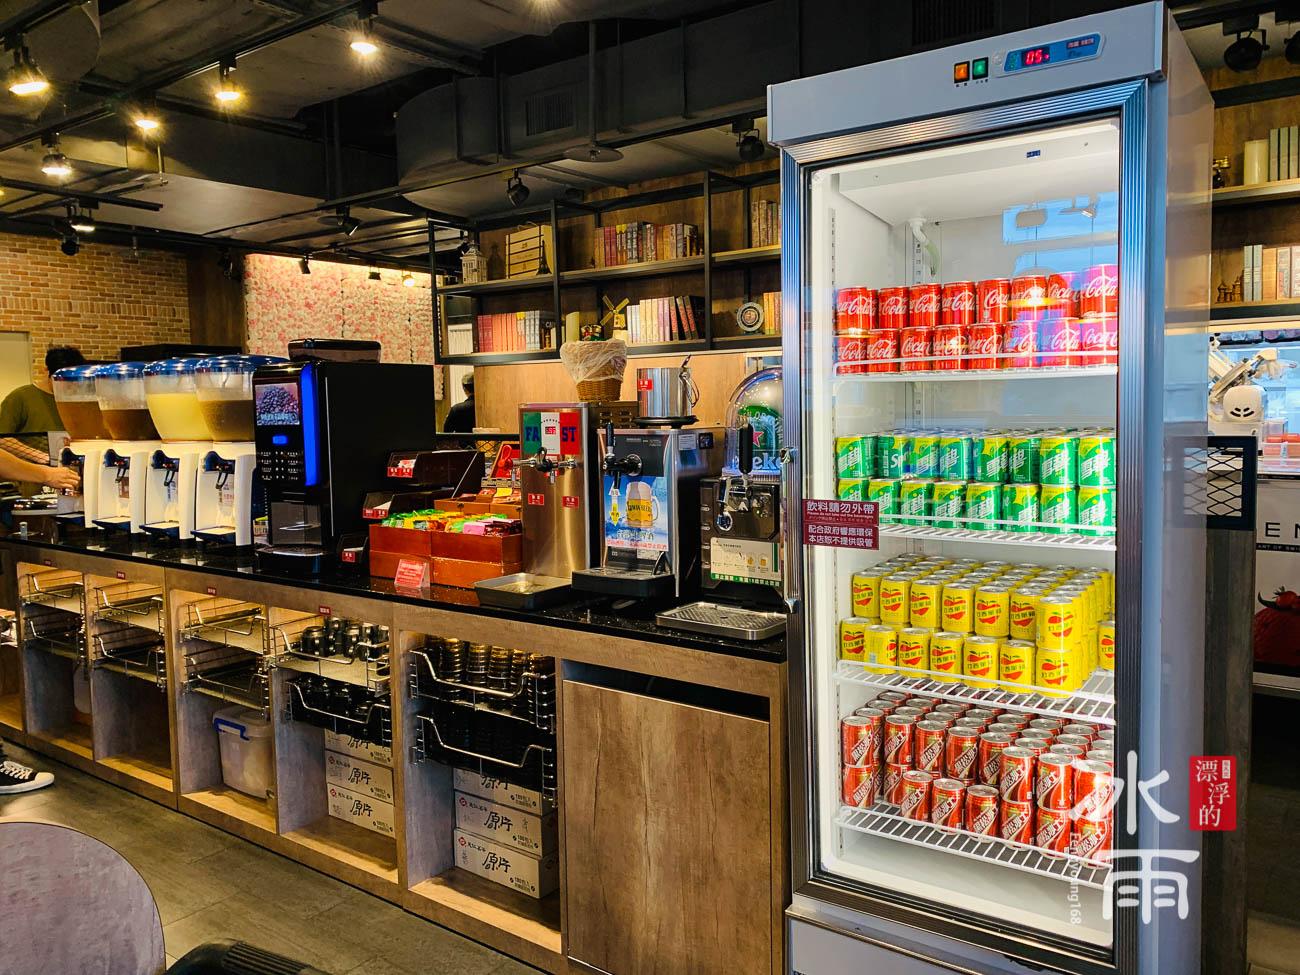 有經典的台灣人愛喝的可樂、雪碧、黑松沙士